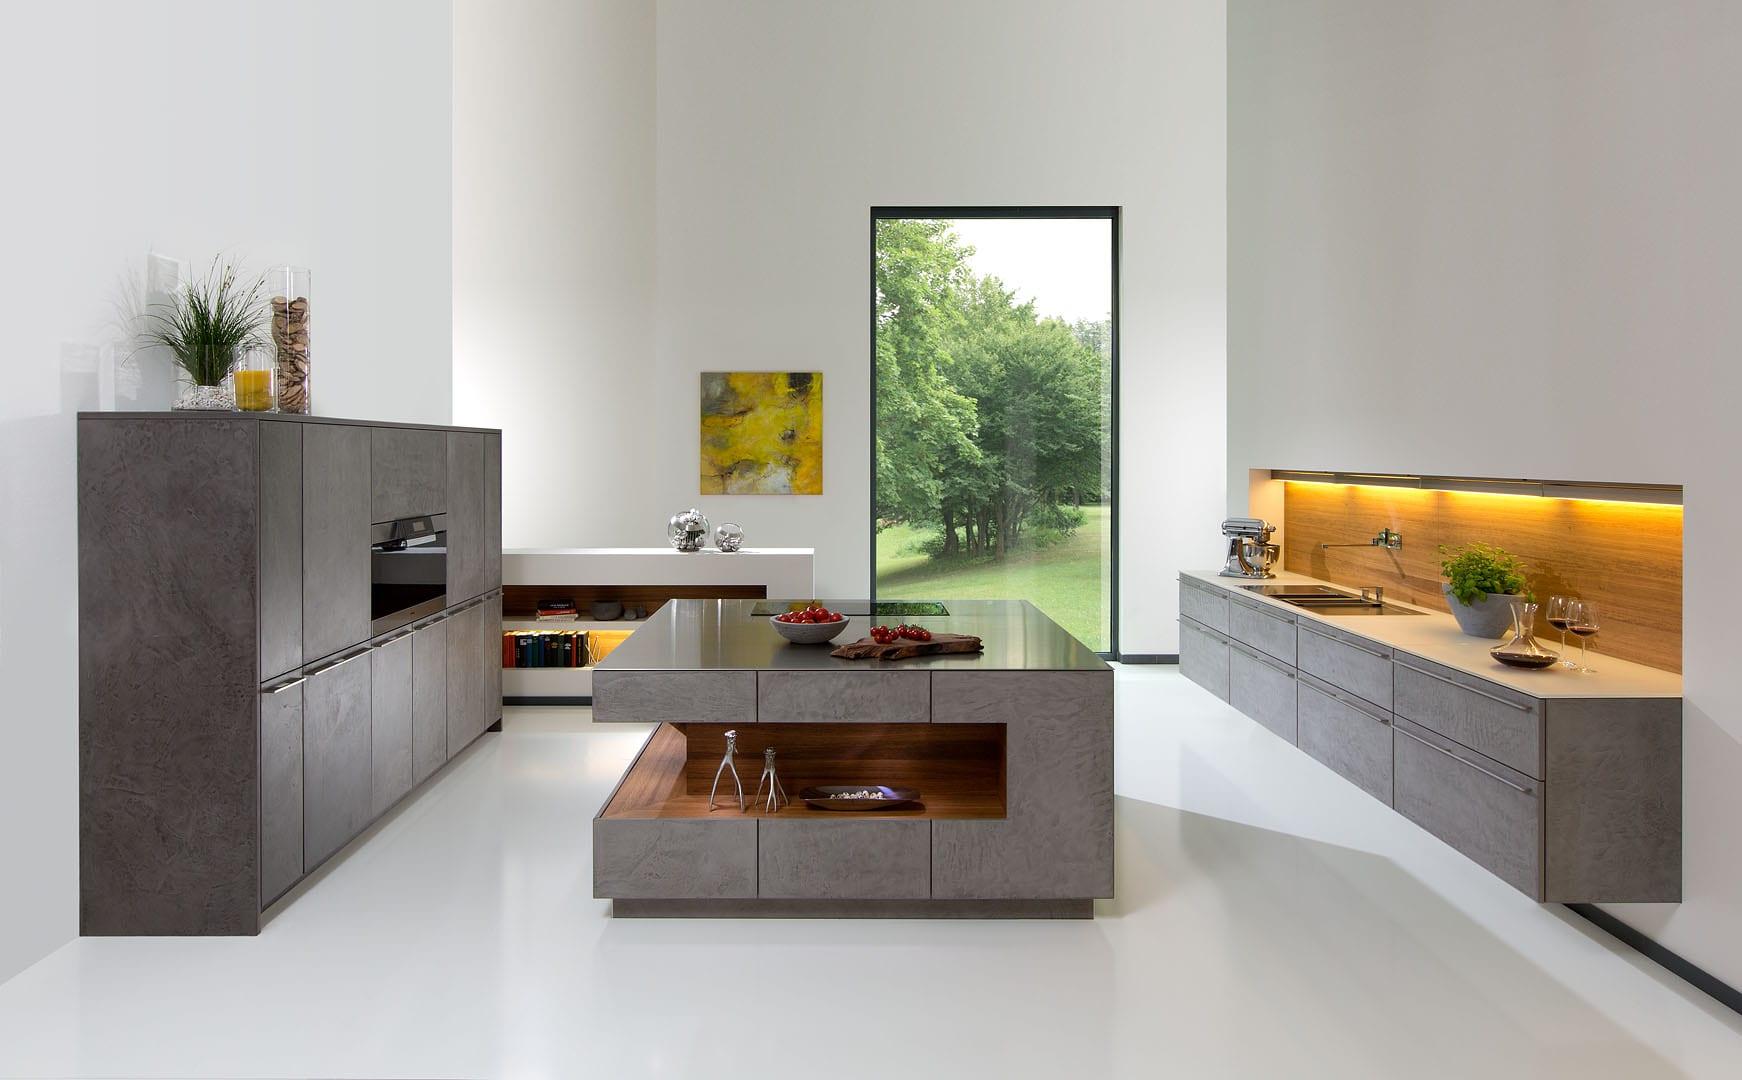 kochinsel beton  mit holznische und beleuchtung als teil moderner küche mit hängeschränken aus beton